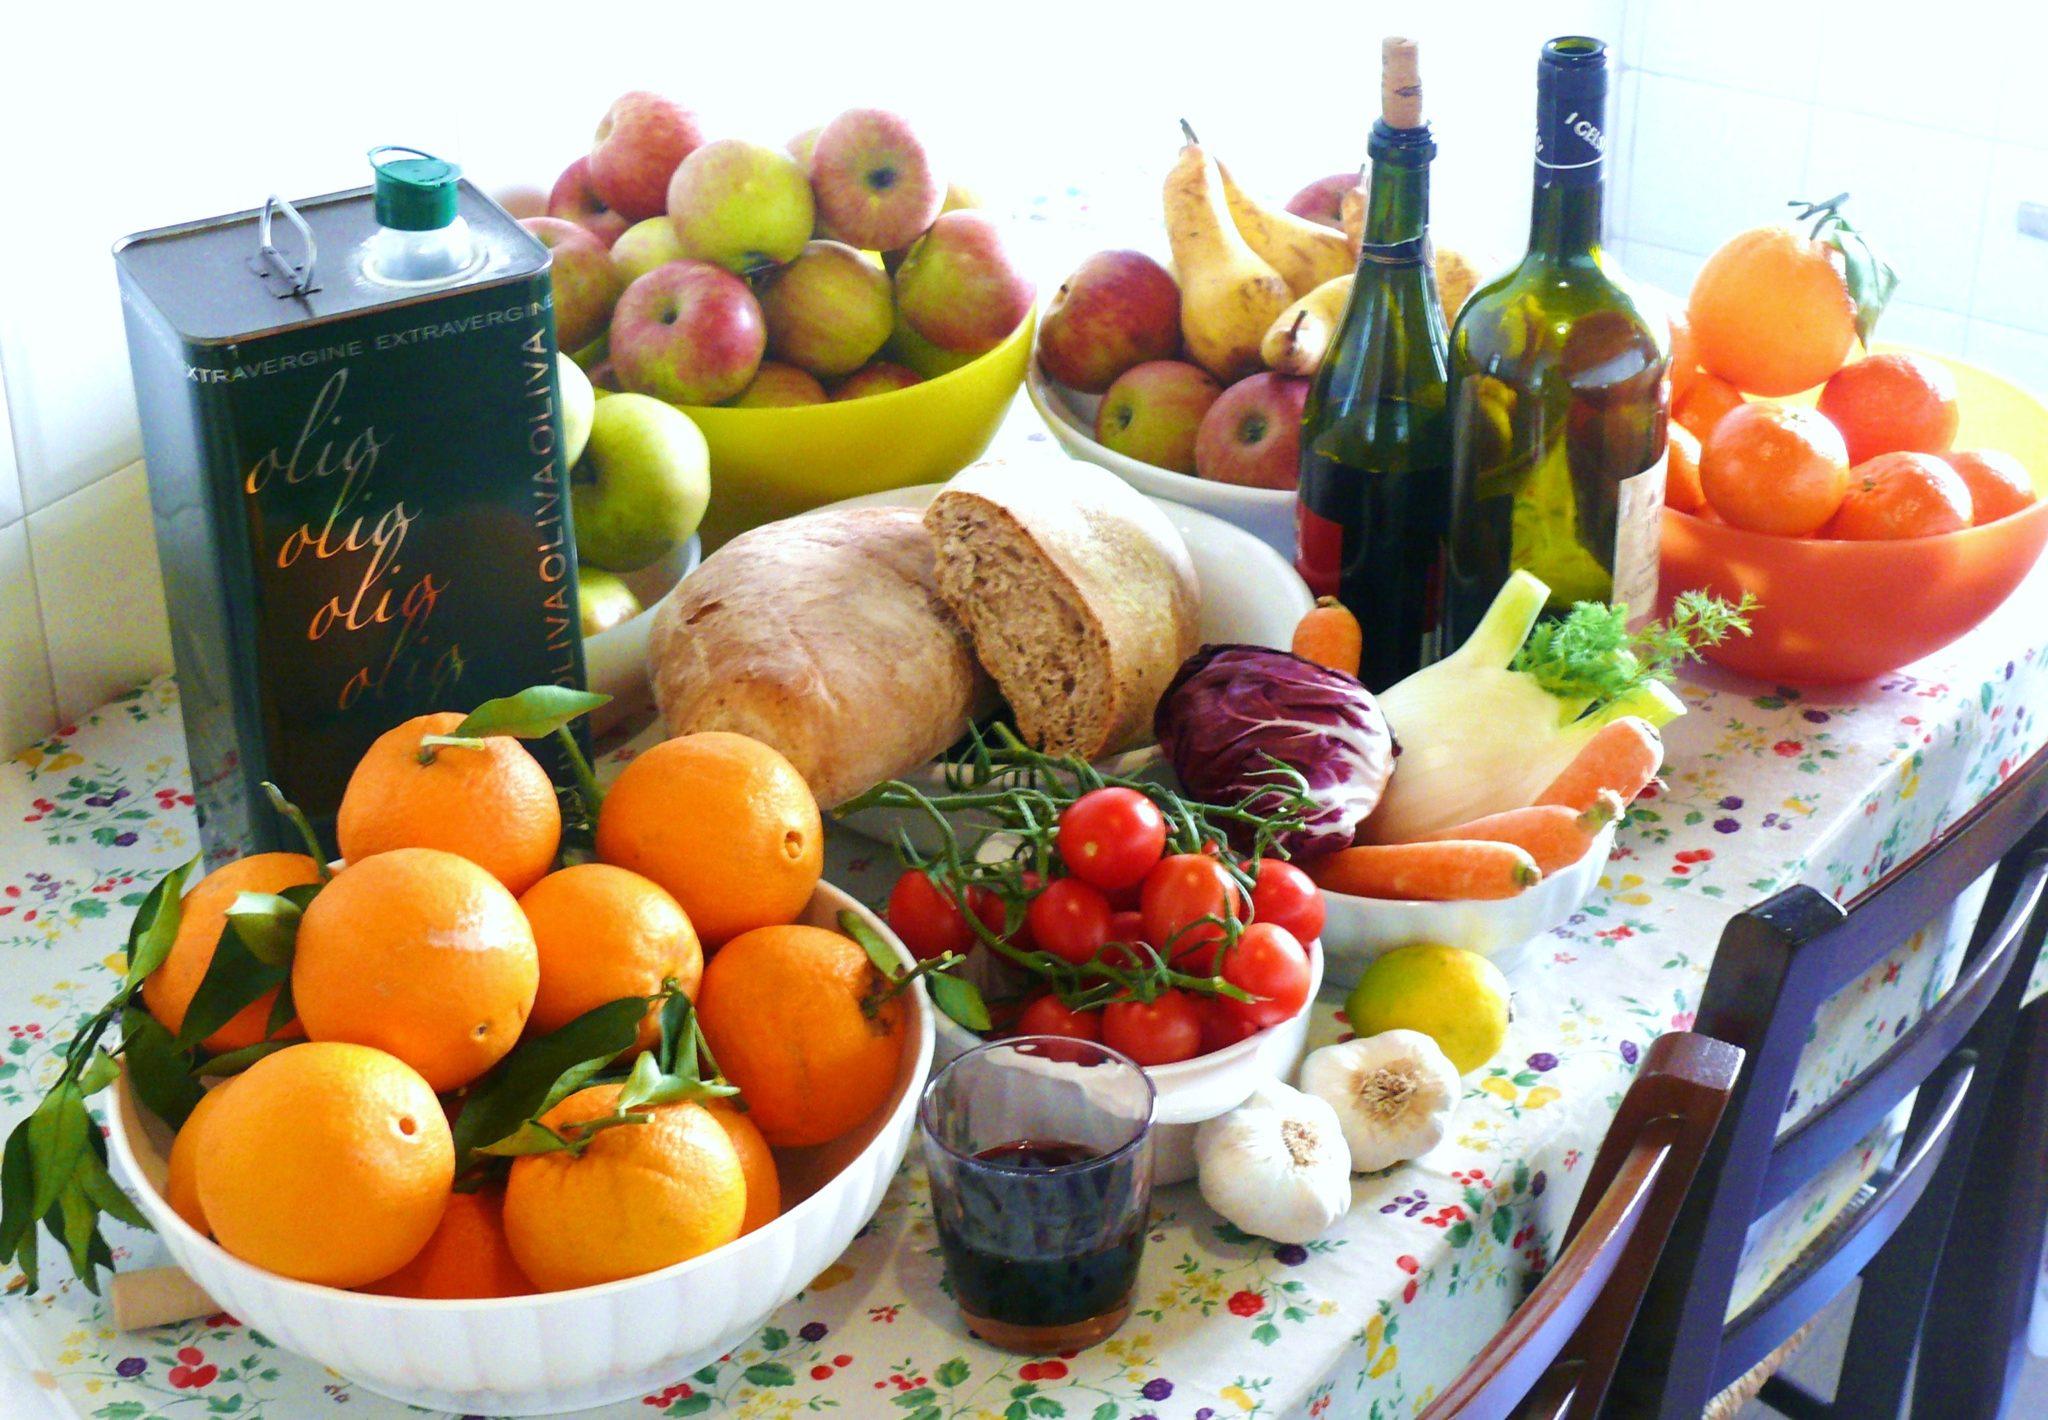 caprii studio dieta mediterranea bambini